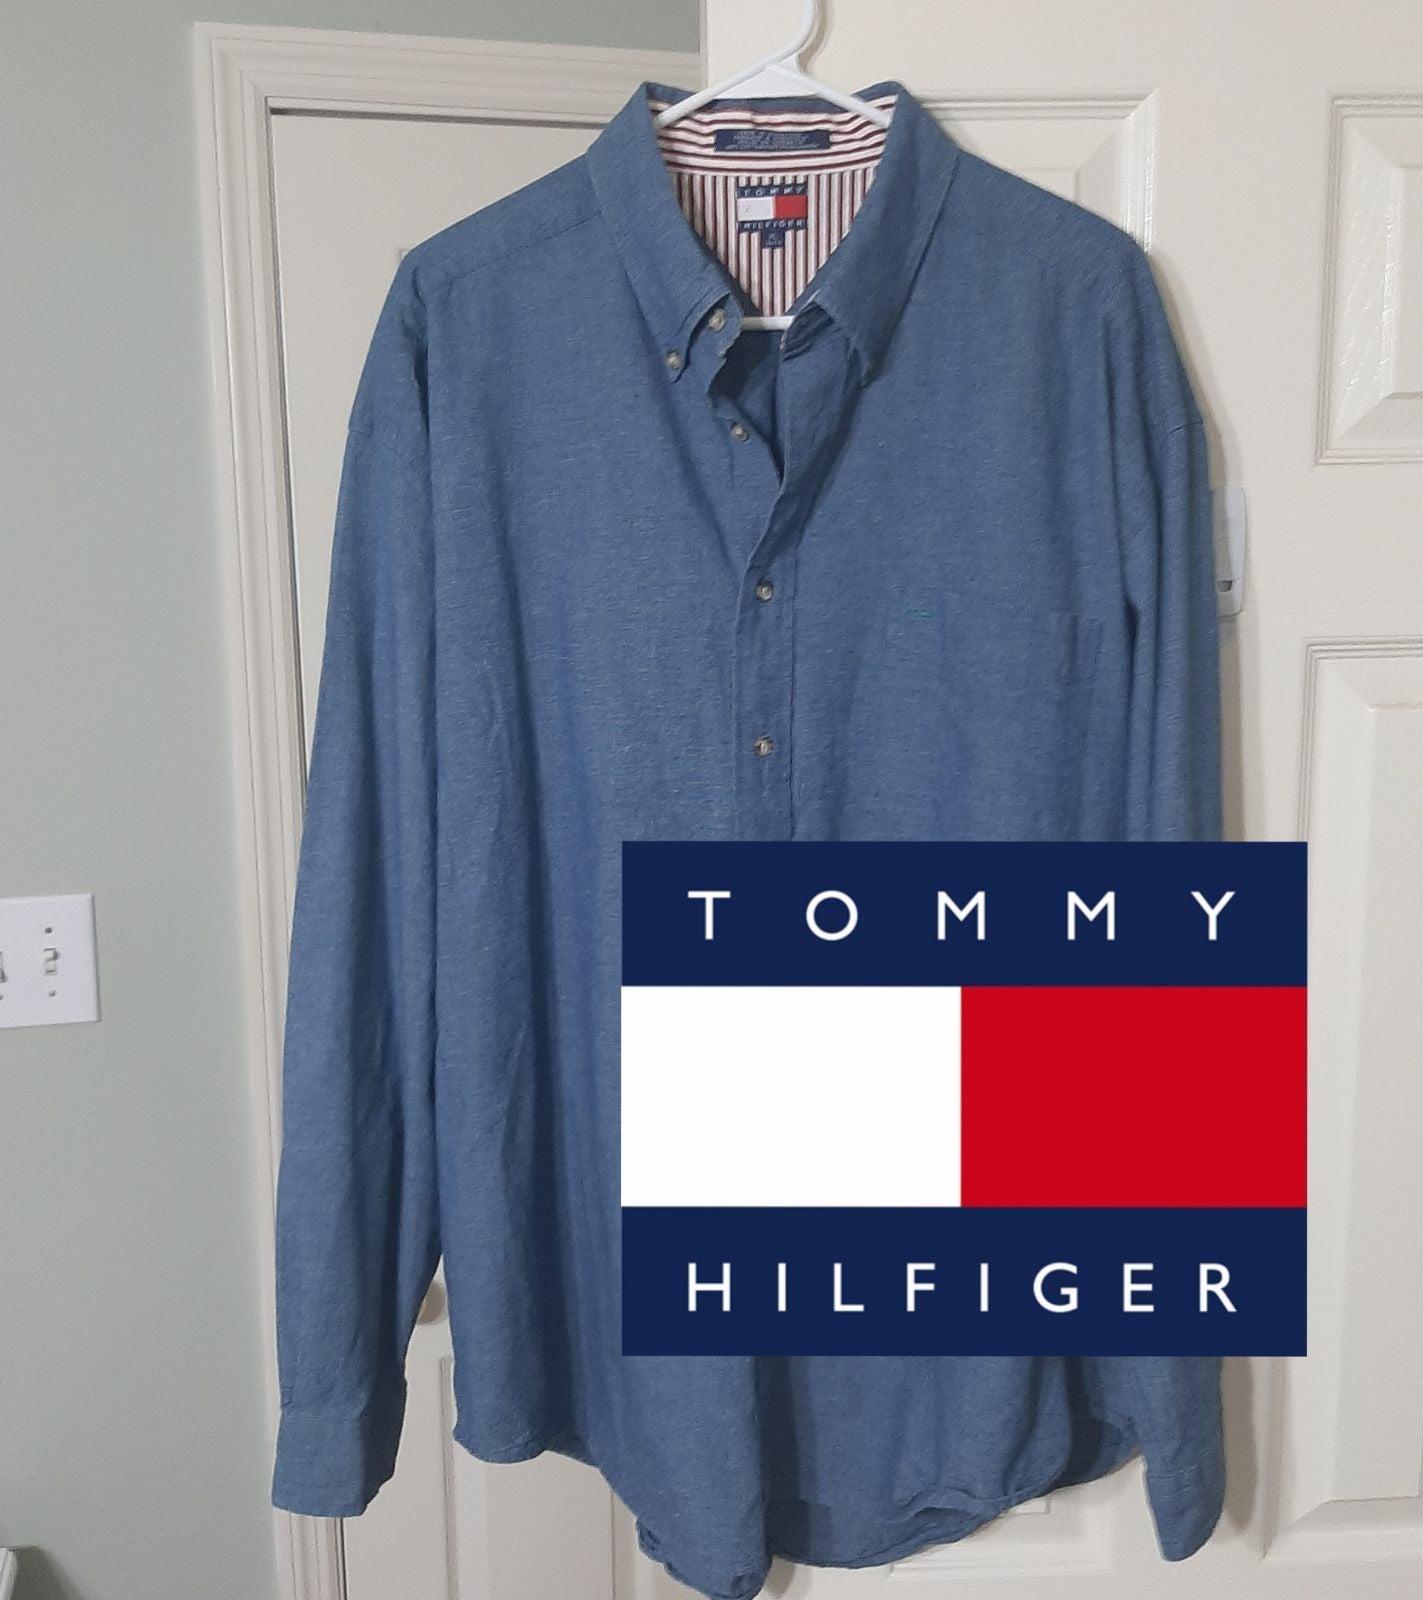 Vintage 90's Tommy Hilfiger Denim Shirt